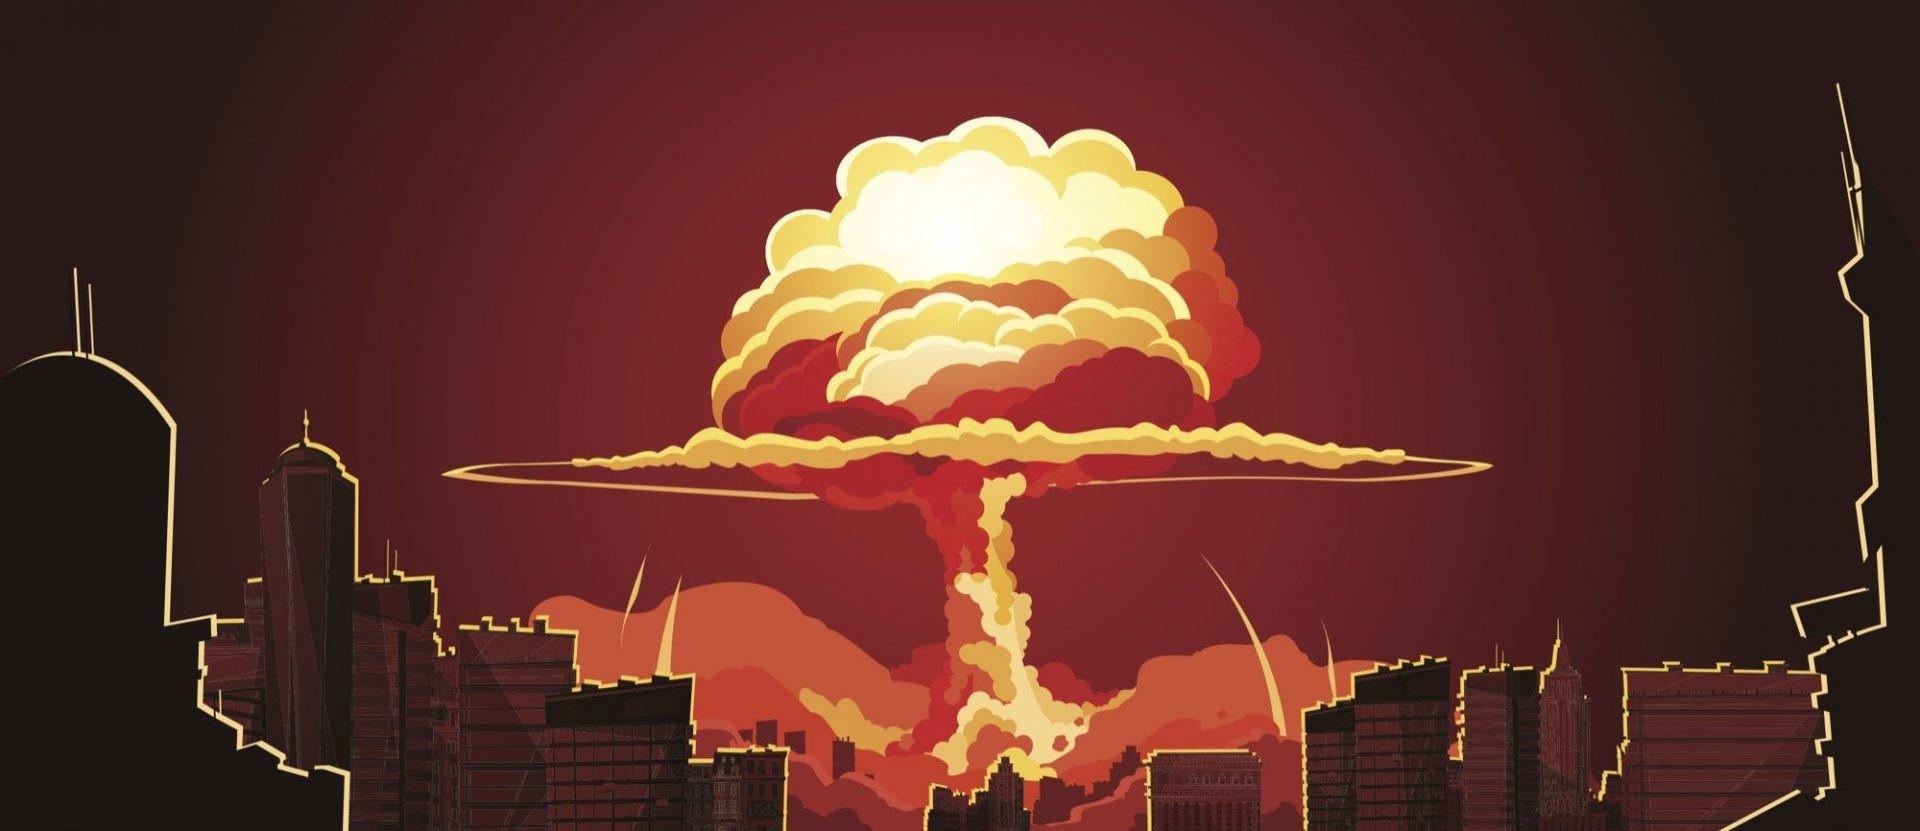 Ядерный взрыв на фоне города